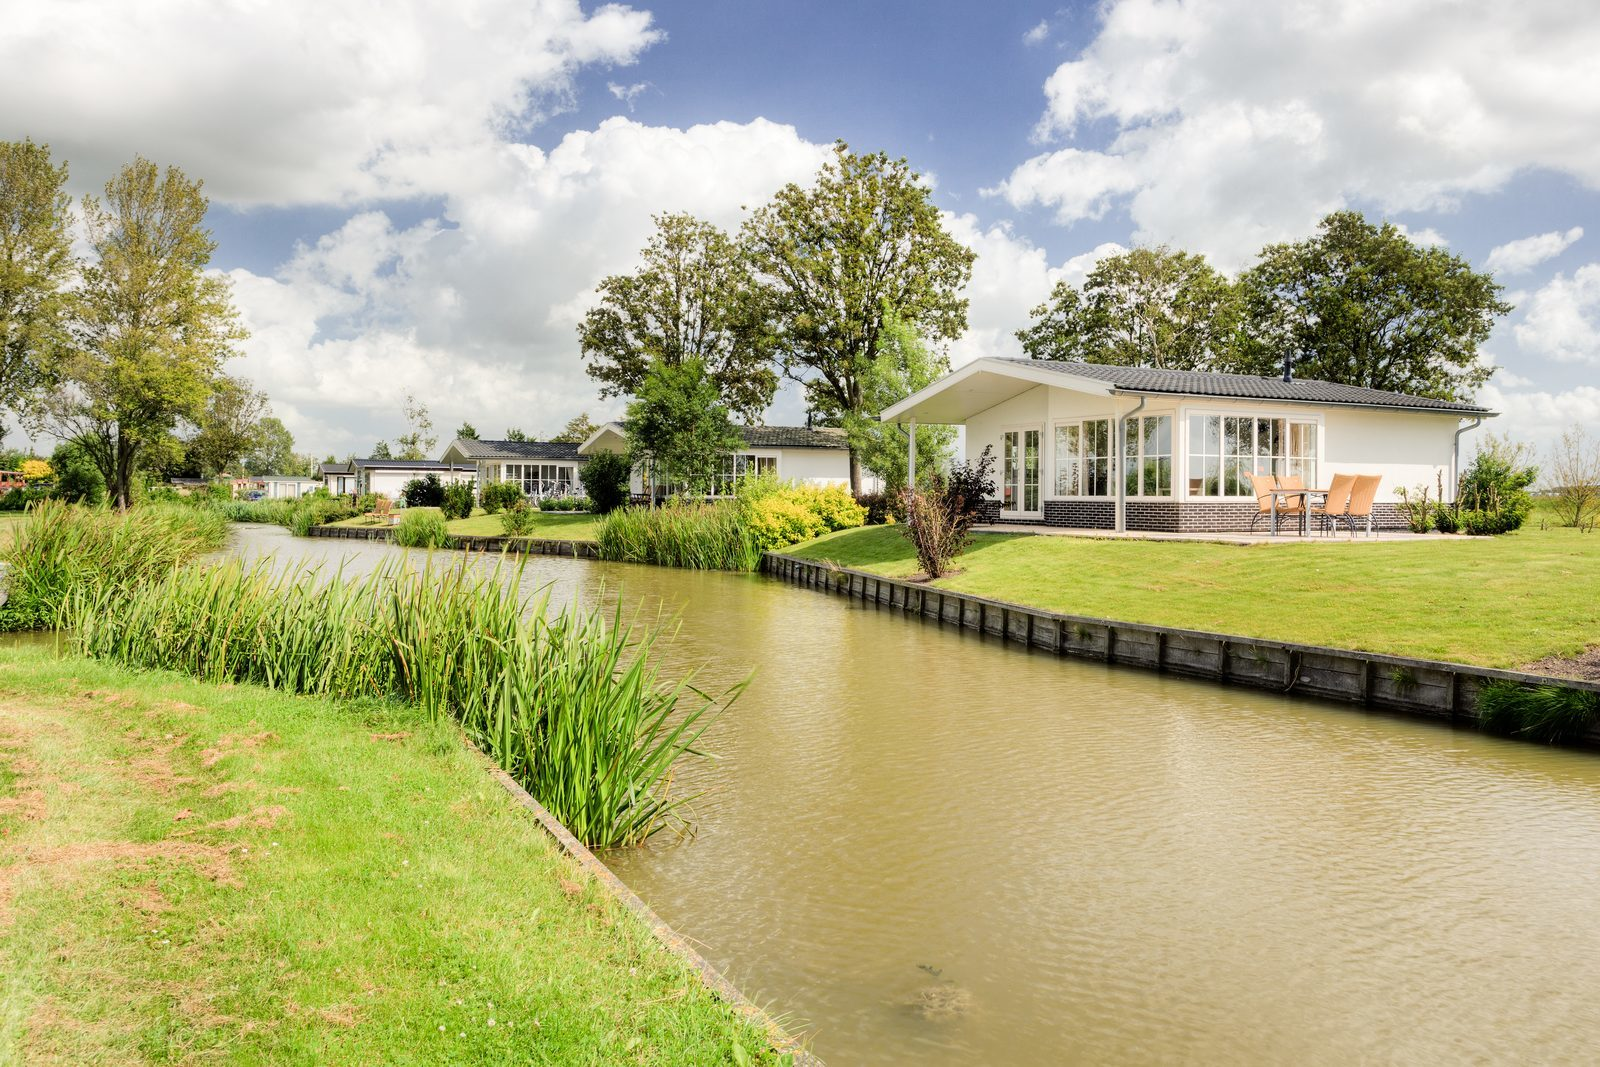 Vakantiewoning kopen aan het IJsselmeer